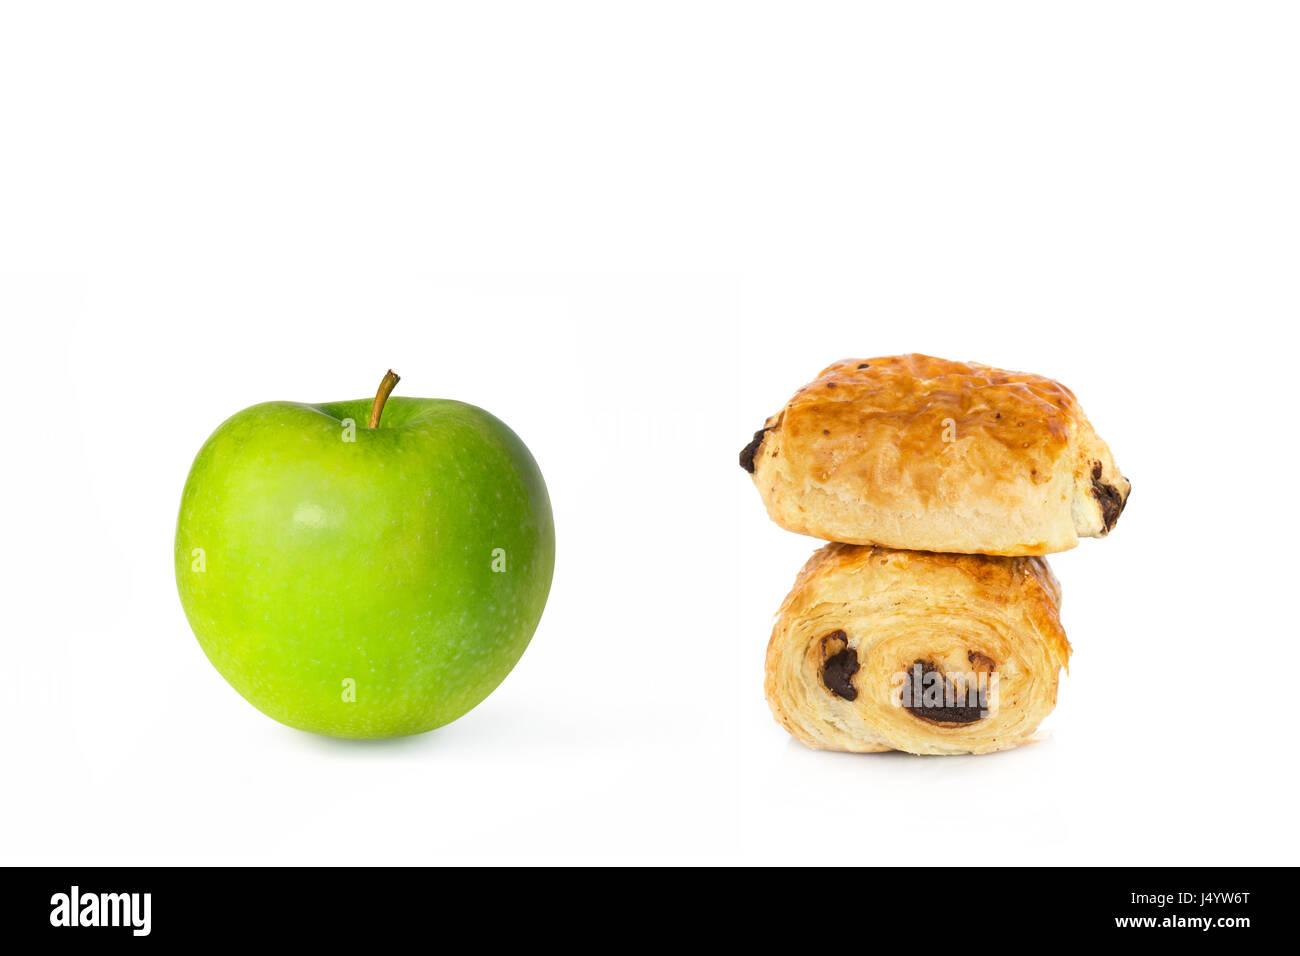 Pains au chocolat et une pomme verte sur fond blanc, les choix alimentaires sains ou malsains concept Photo Stock